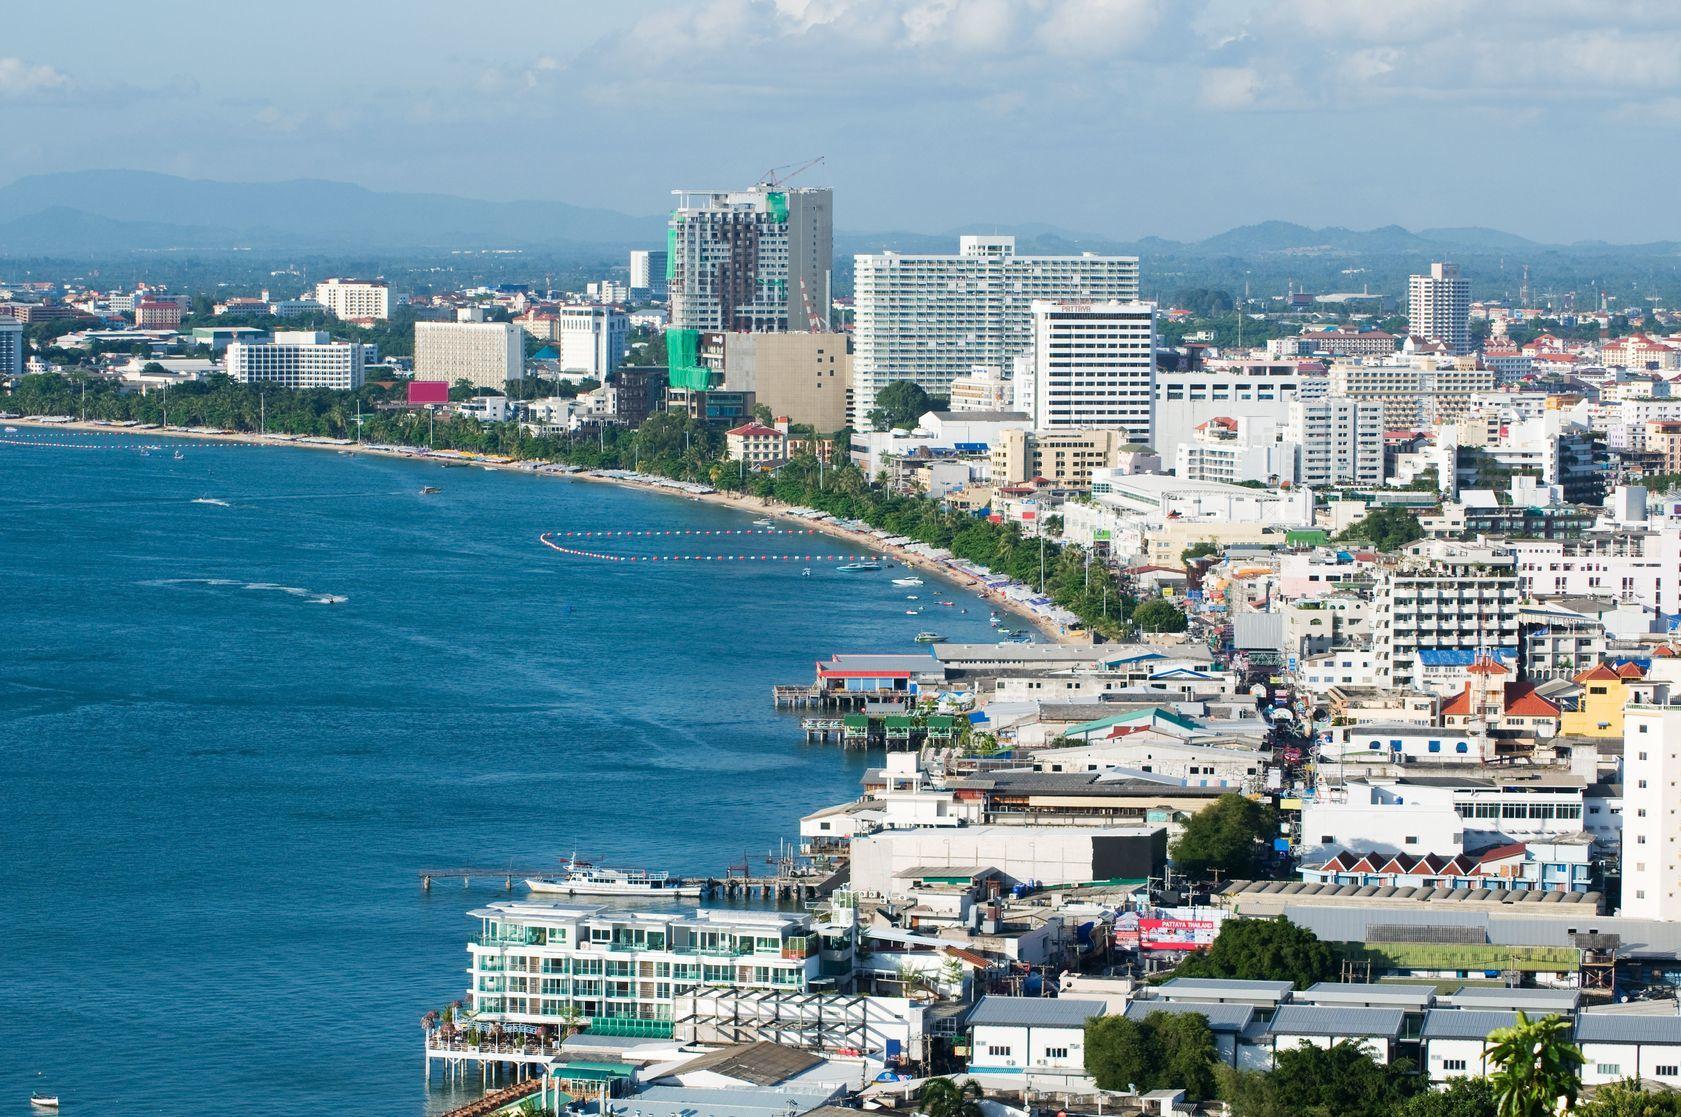 Letecký pohled na město Pattaya v Thajsku | epixx/123RF.com